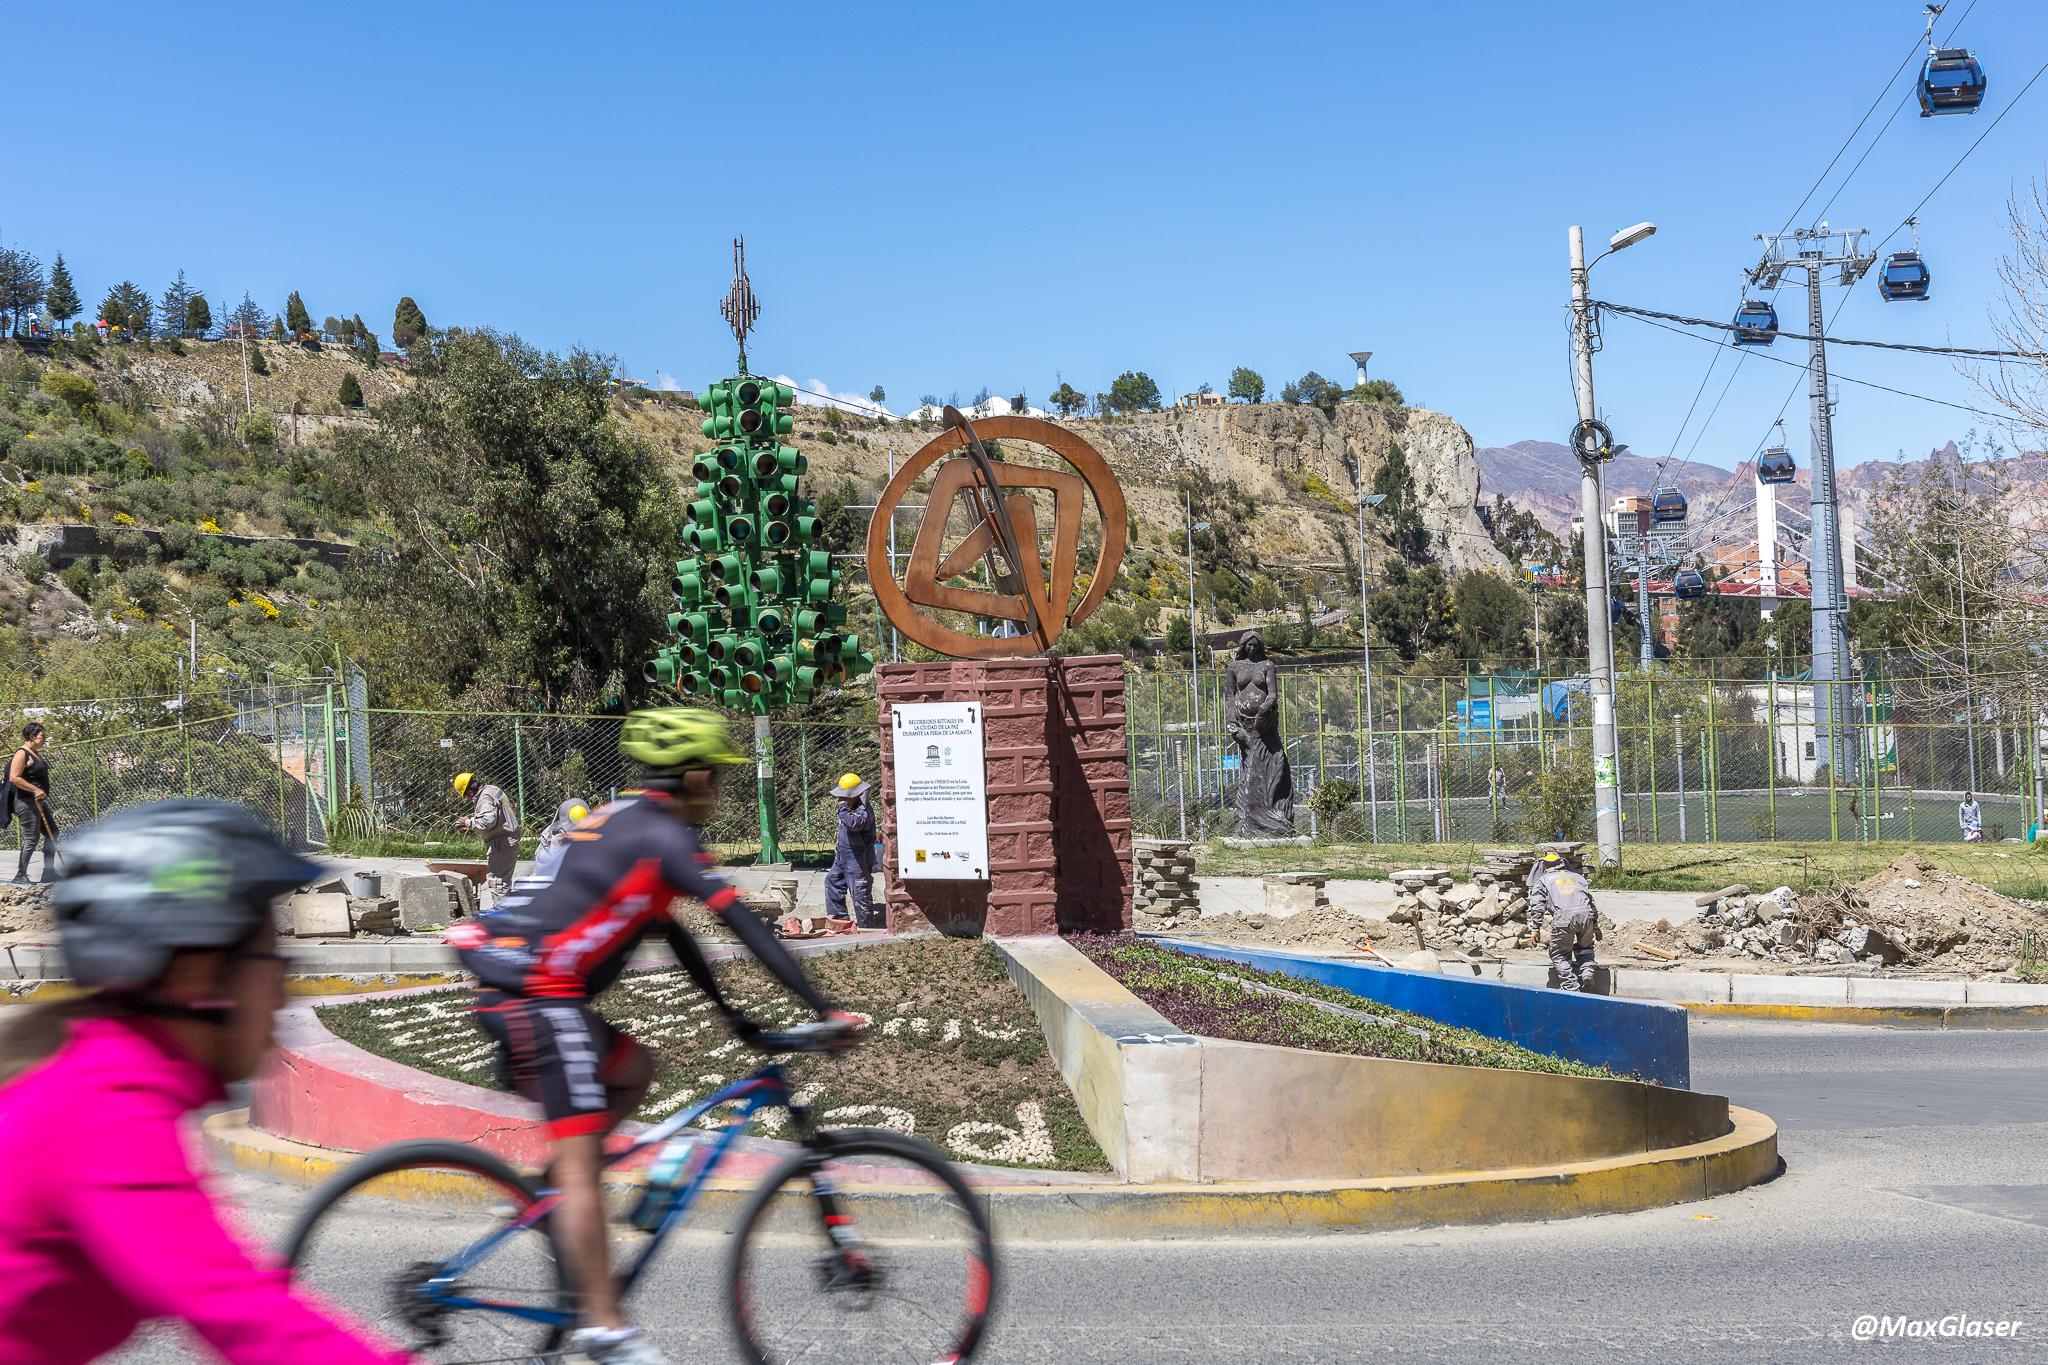 Día del Peatón - Bicicletas por la Avenida del Ejercito